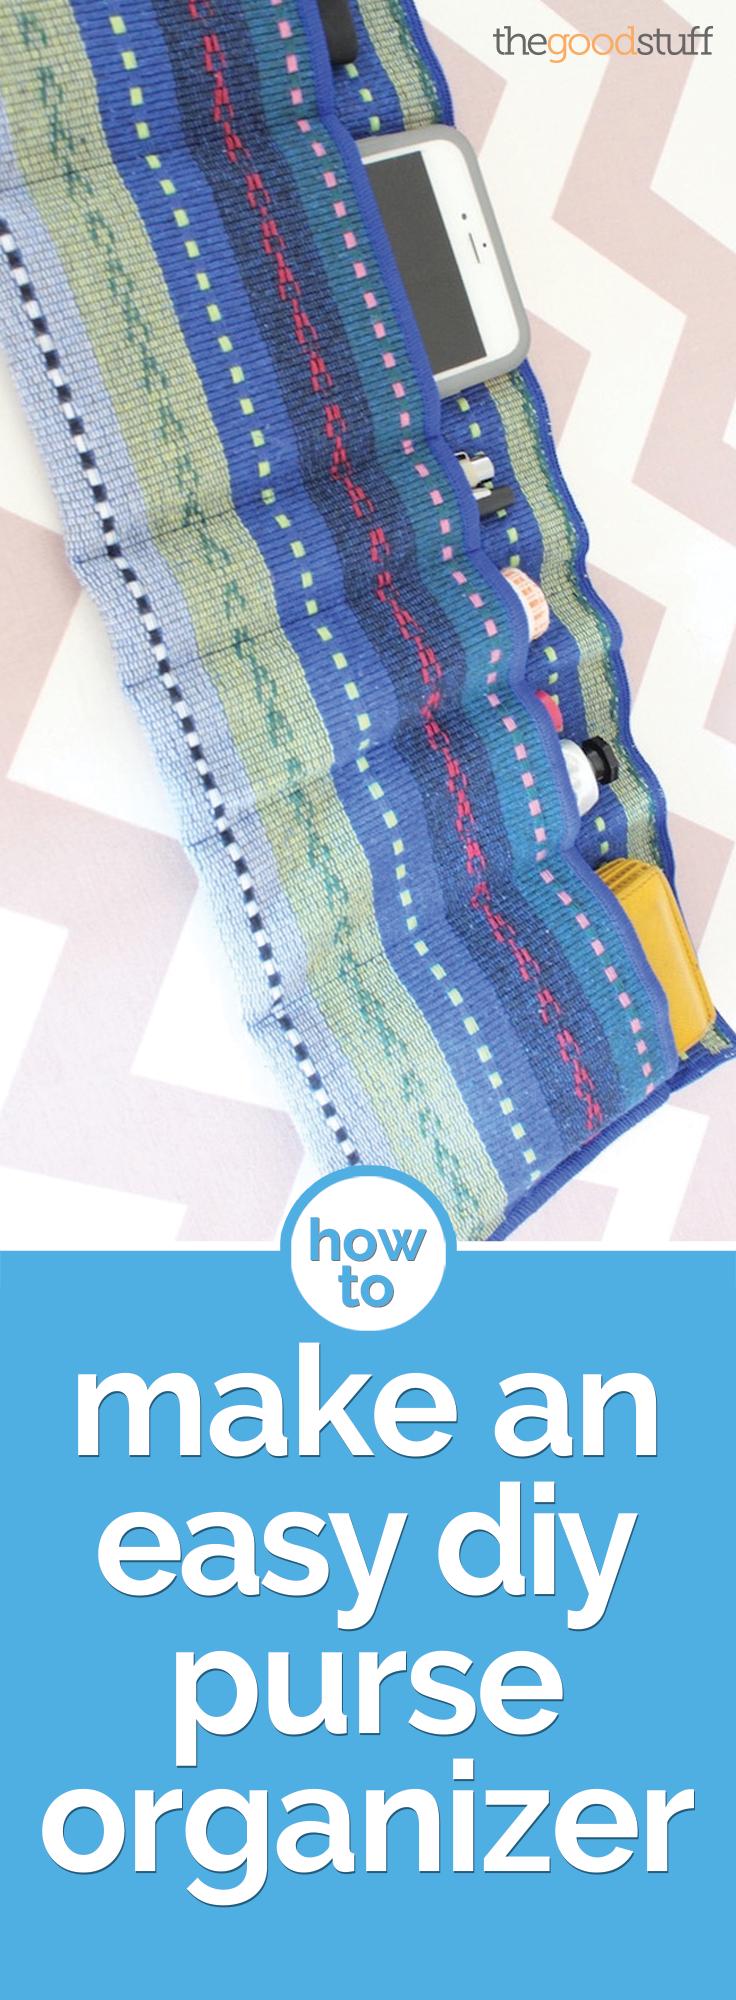 How to Make an Easy DIY Purse Organizer | Organizer, Nähe und ...